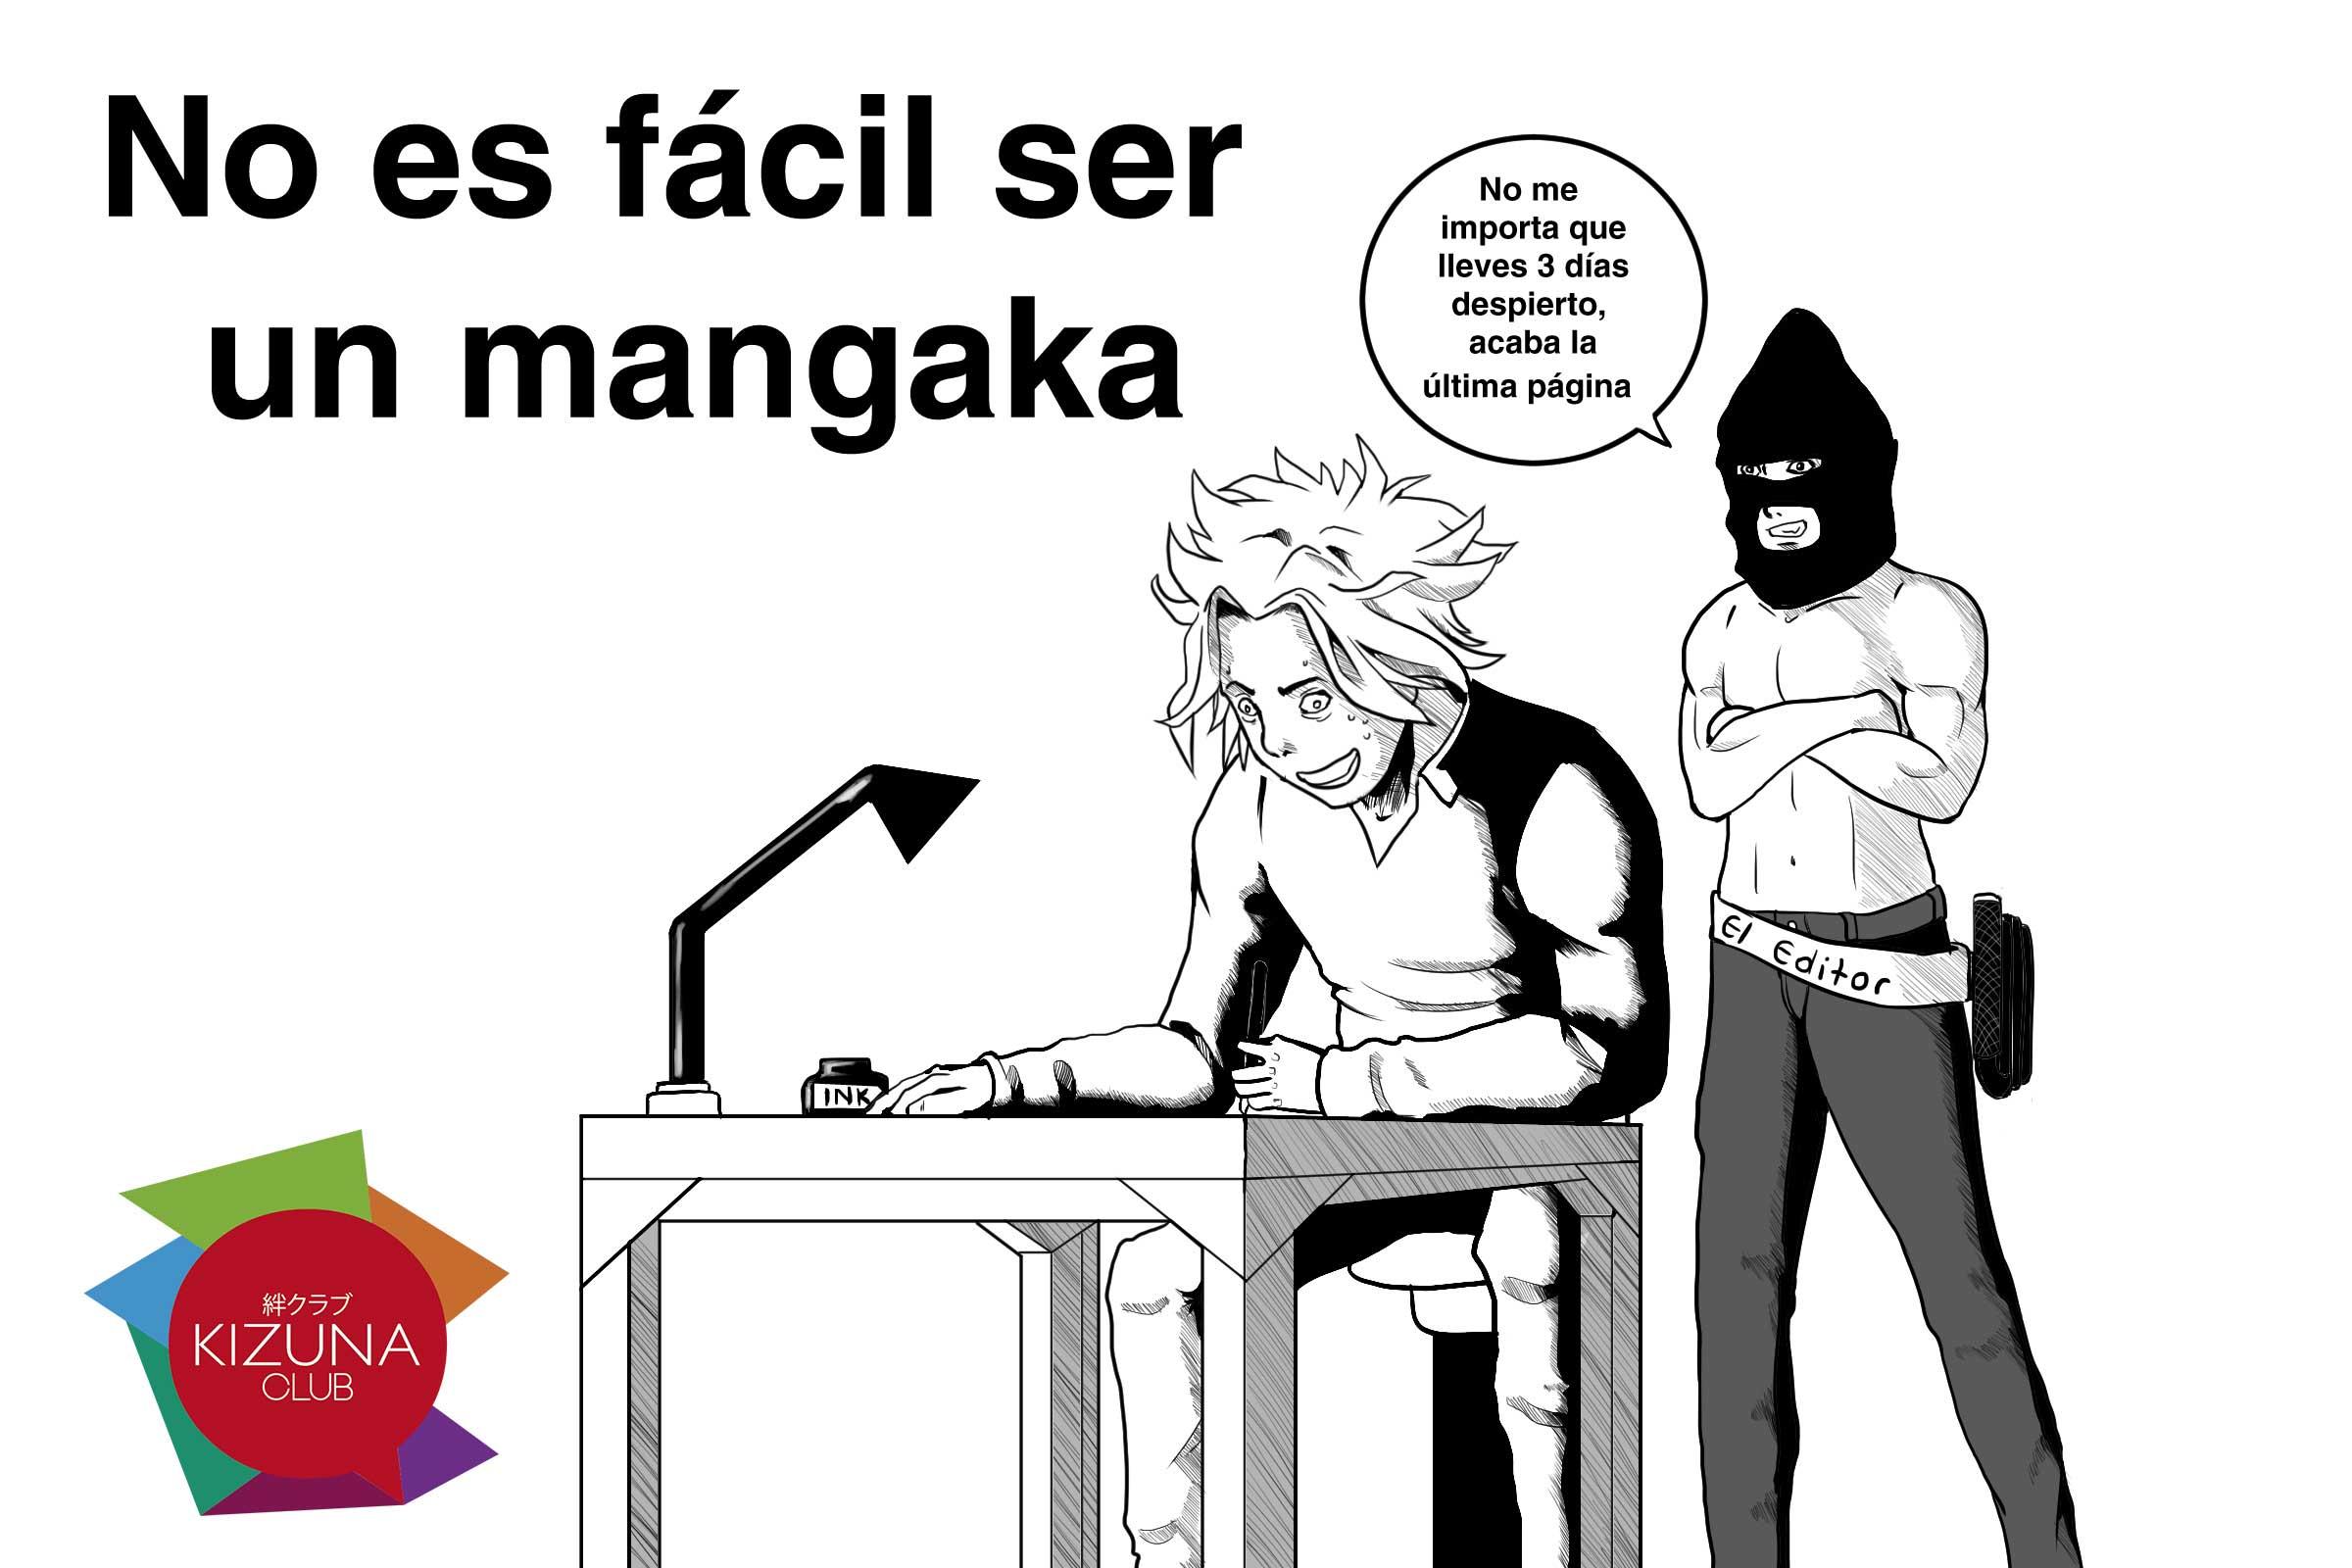 La creación del manga